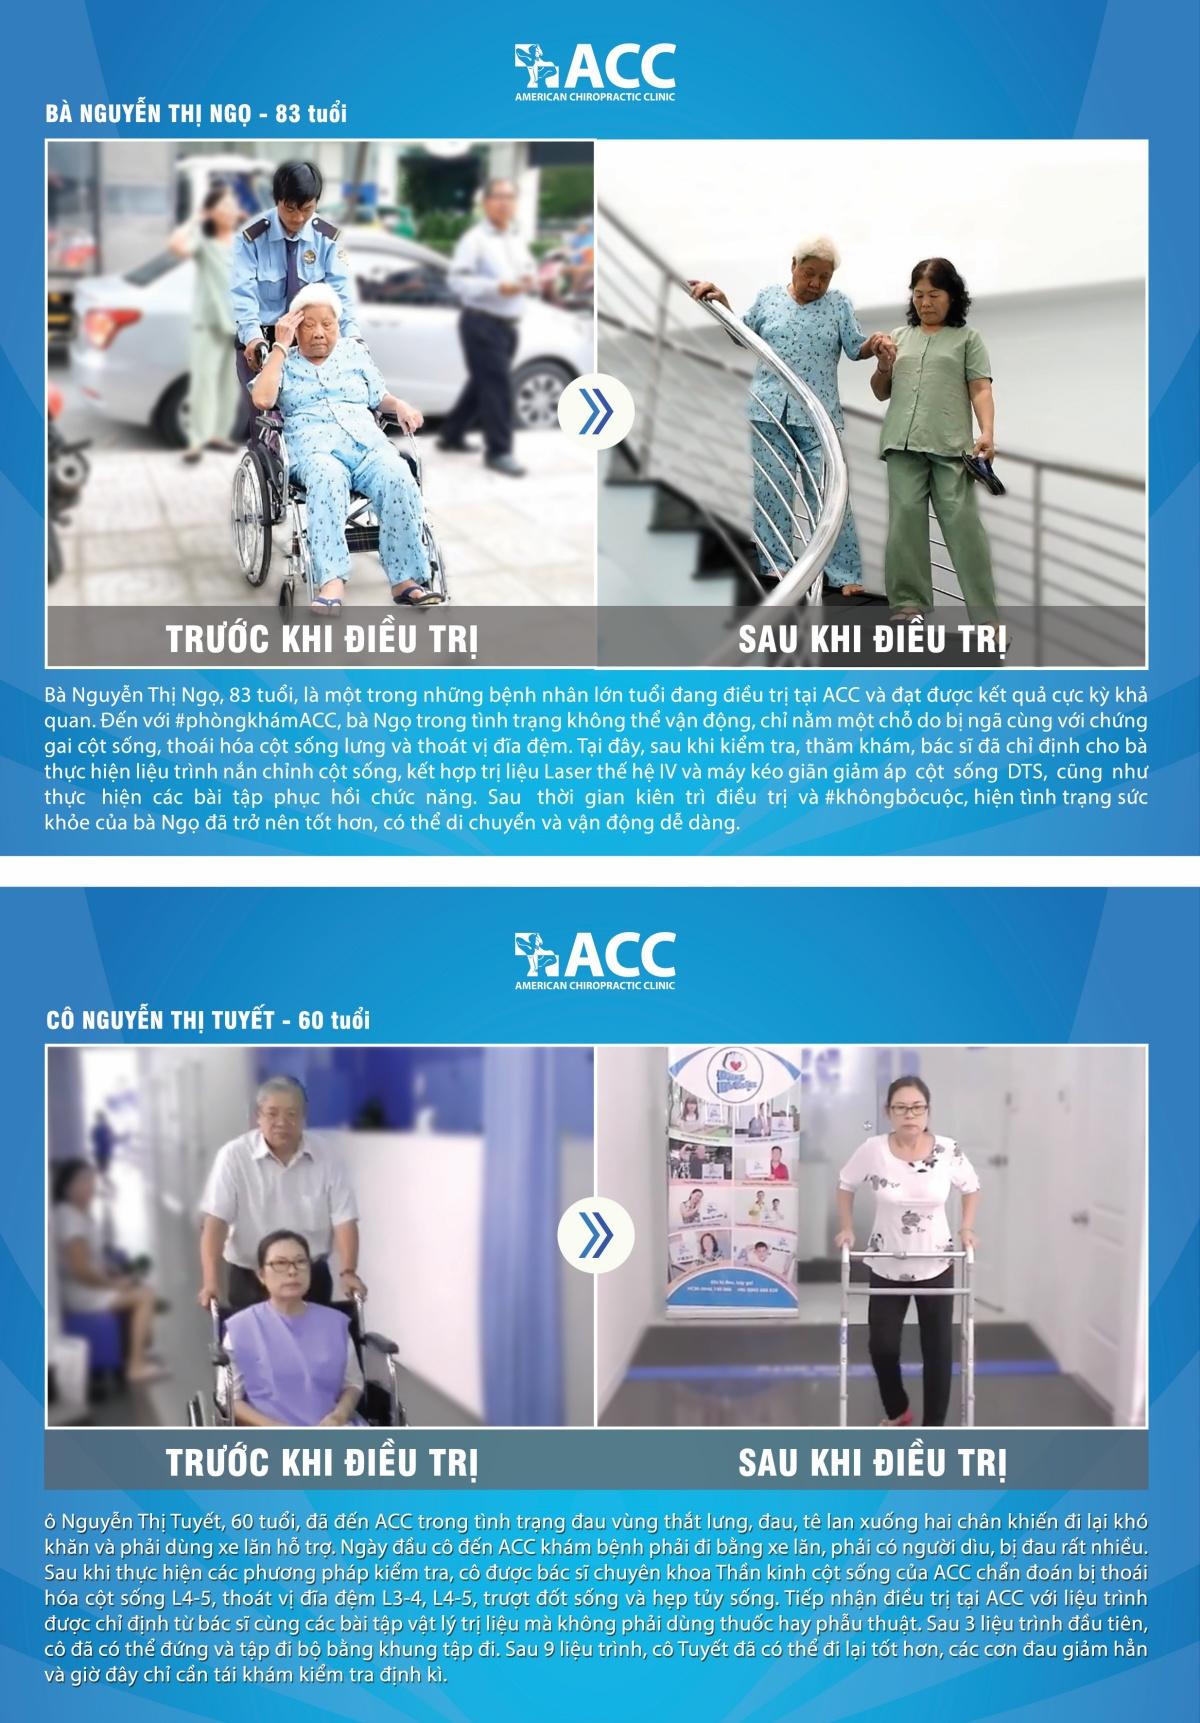 Bệnh nhân thoát vị đĩa đệm trước và sau khi điều trị tại ACC